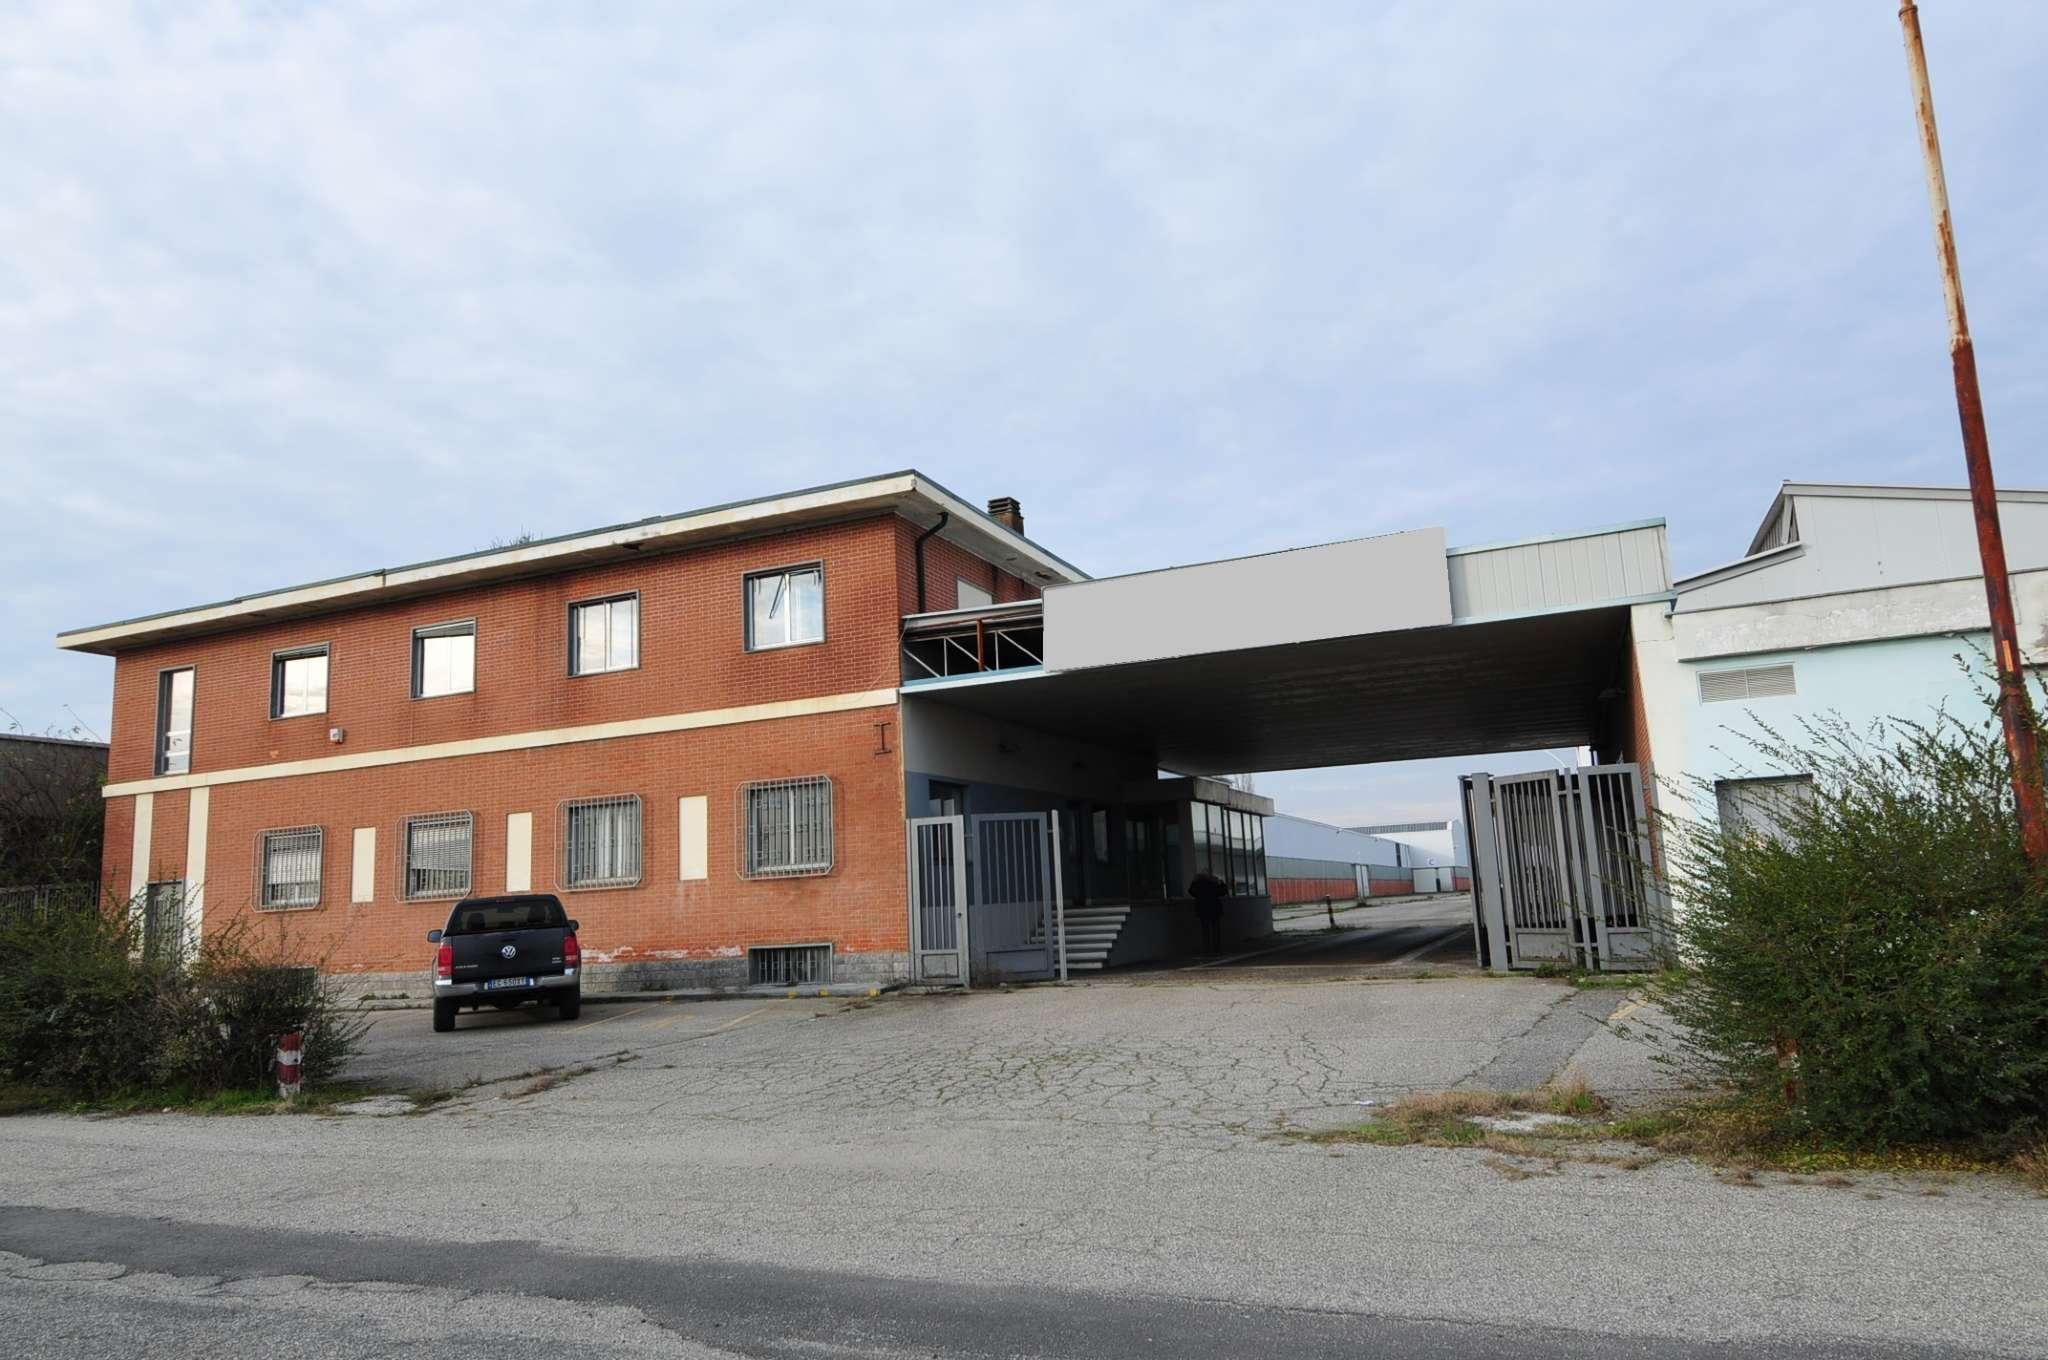 Capannone in vendita a Casale Monferrato, 50 locali, prezzo € 4.500.000 | PortaleAgenzieImmobiliari.it